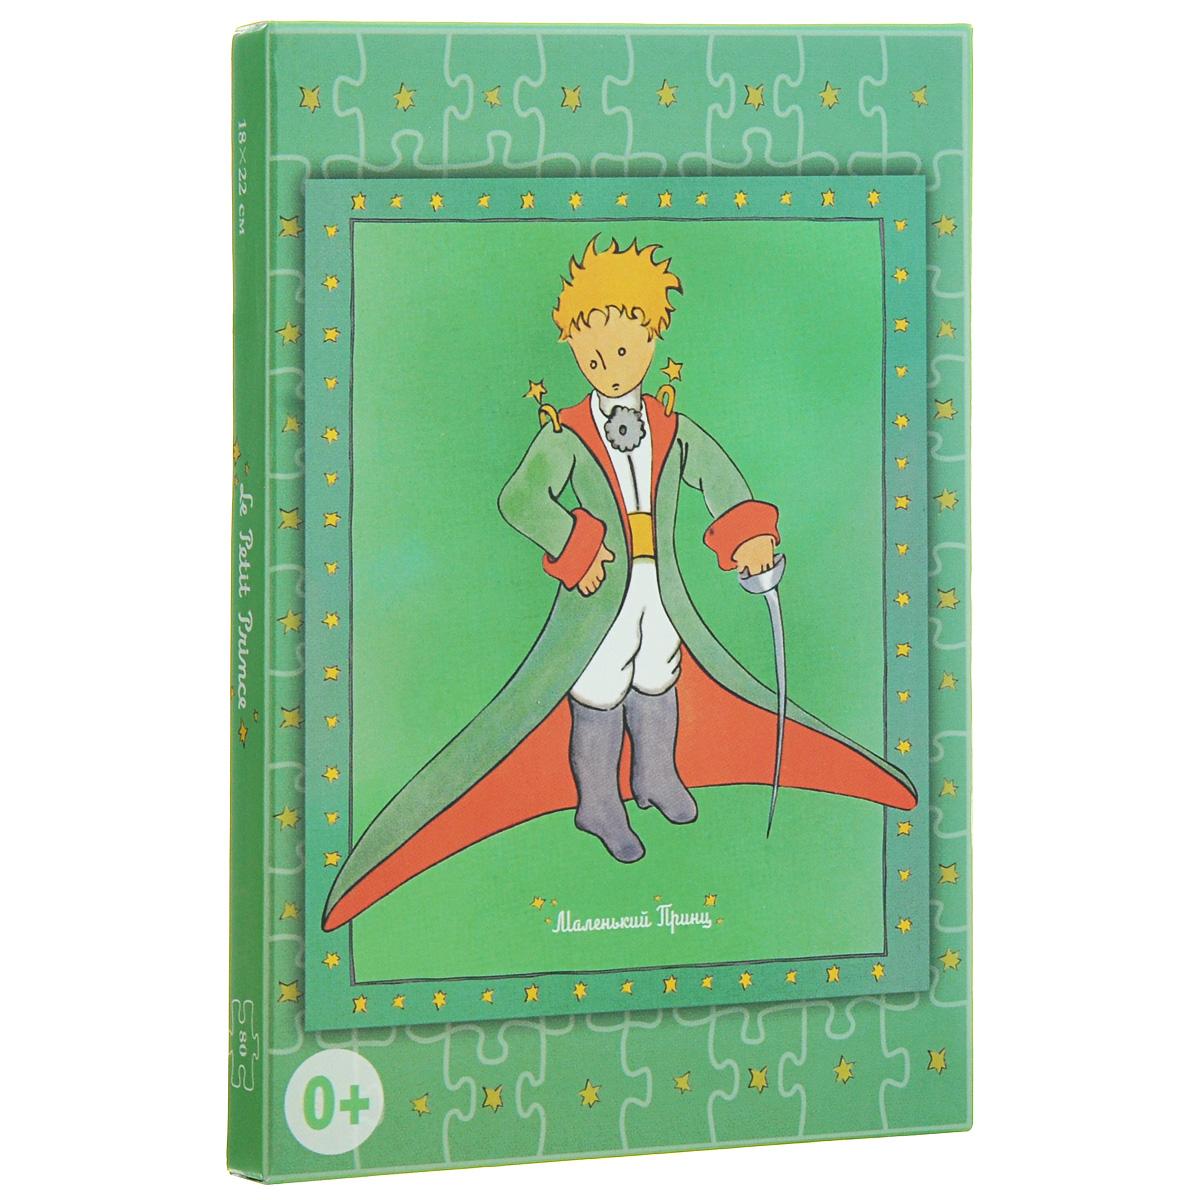 Маленький Принц. Пазл, 80 элементов4627075890204Пазл Маленький Принц, без сомнения, придется по душе любому поклоннику знаменитой книги Маленький Принц. Собрав этот пазл, включающий в себя 80 элементов, вы получите великолепную цветную картину с авторской иллюстрацией к книге Маленький Принц, изображающей Принца в парадном наряде. Пазлы - прекрасное антистрессовое средство и замечательная развивающая игра для детей. Собирание пазла развивает у ребенка мелкую моторику рук, тренирует наблюдательность, логическое мышление, учит усидчивости и терпению, аккуратности и вниманию. Получившееся яркое изображение героя любимой книги станет прекрасным украшением для детской комнаты.